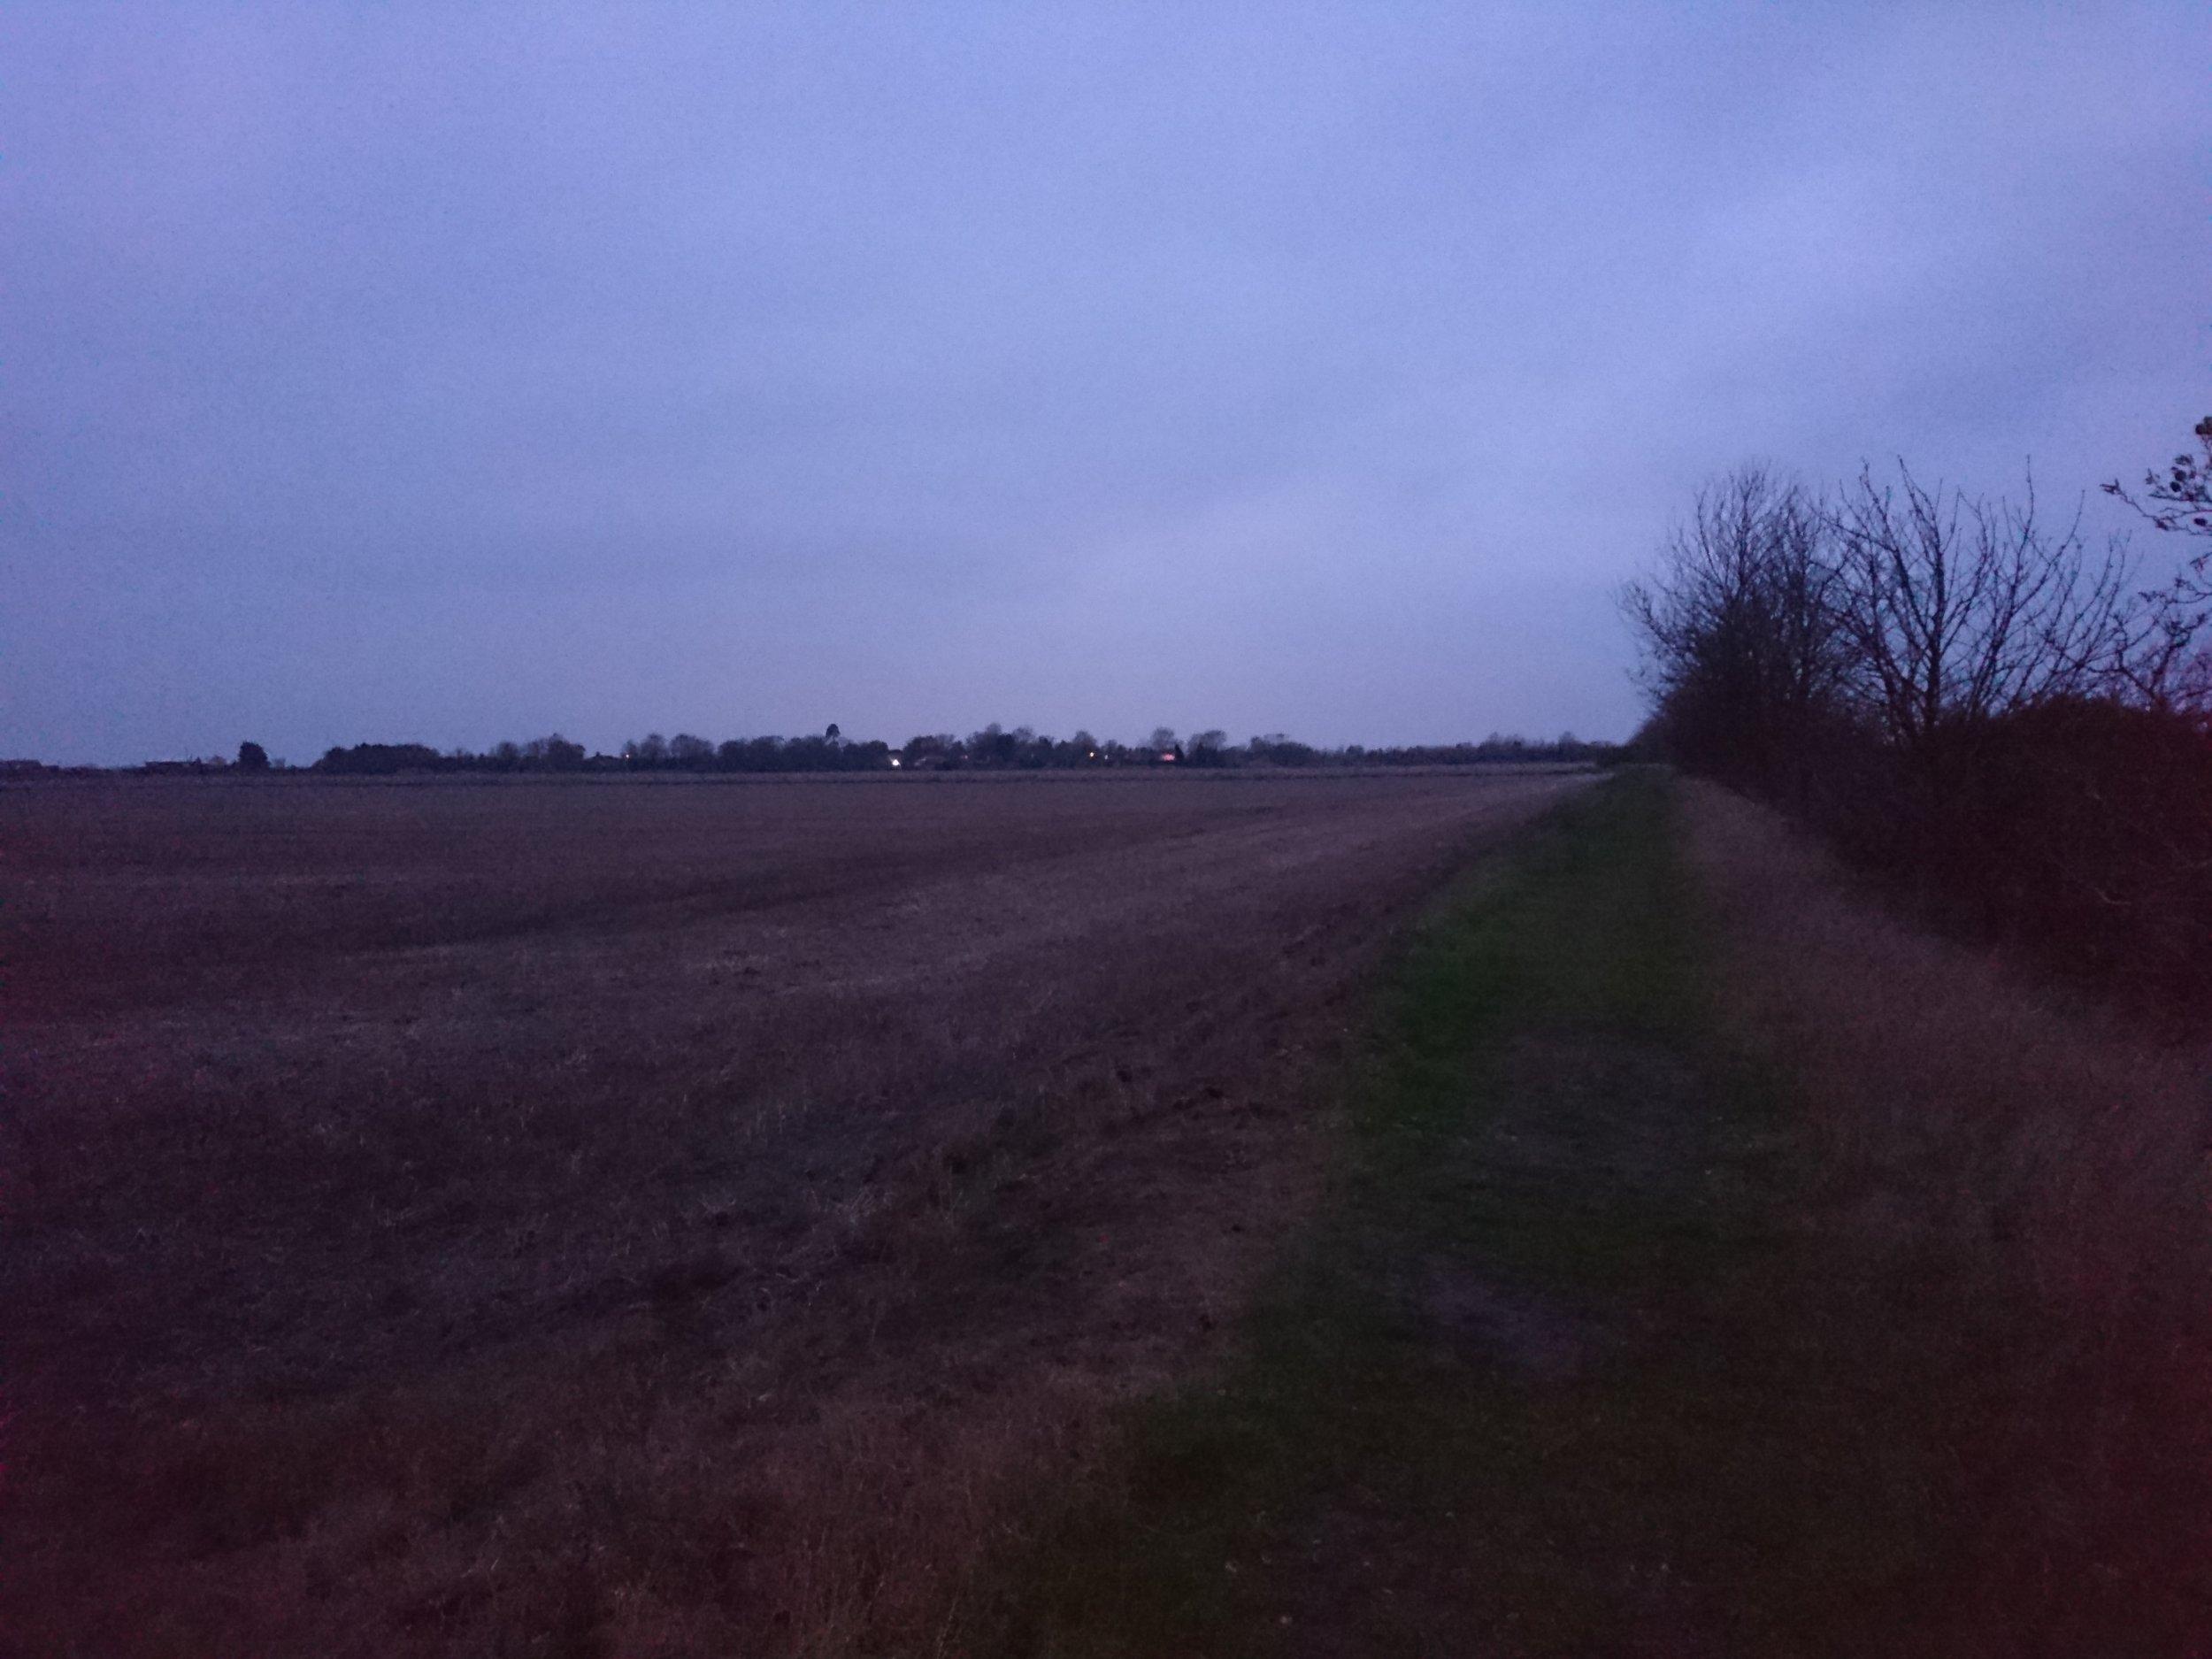 Approaching Paglesham